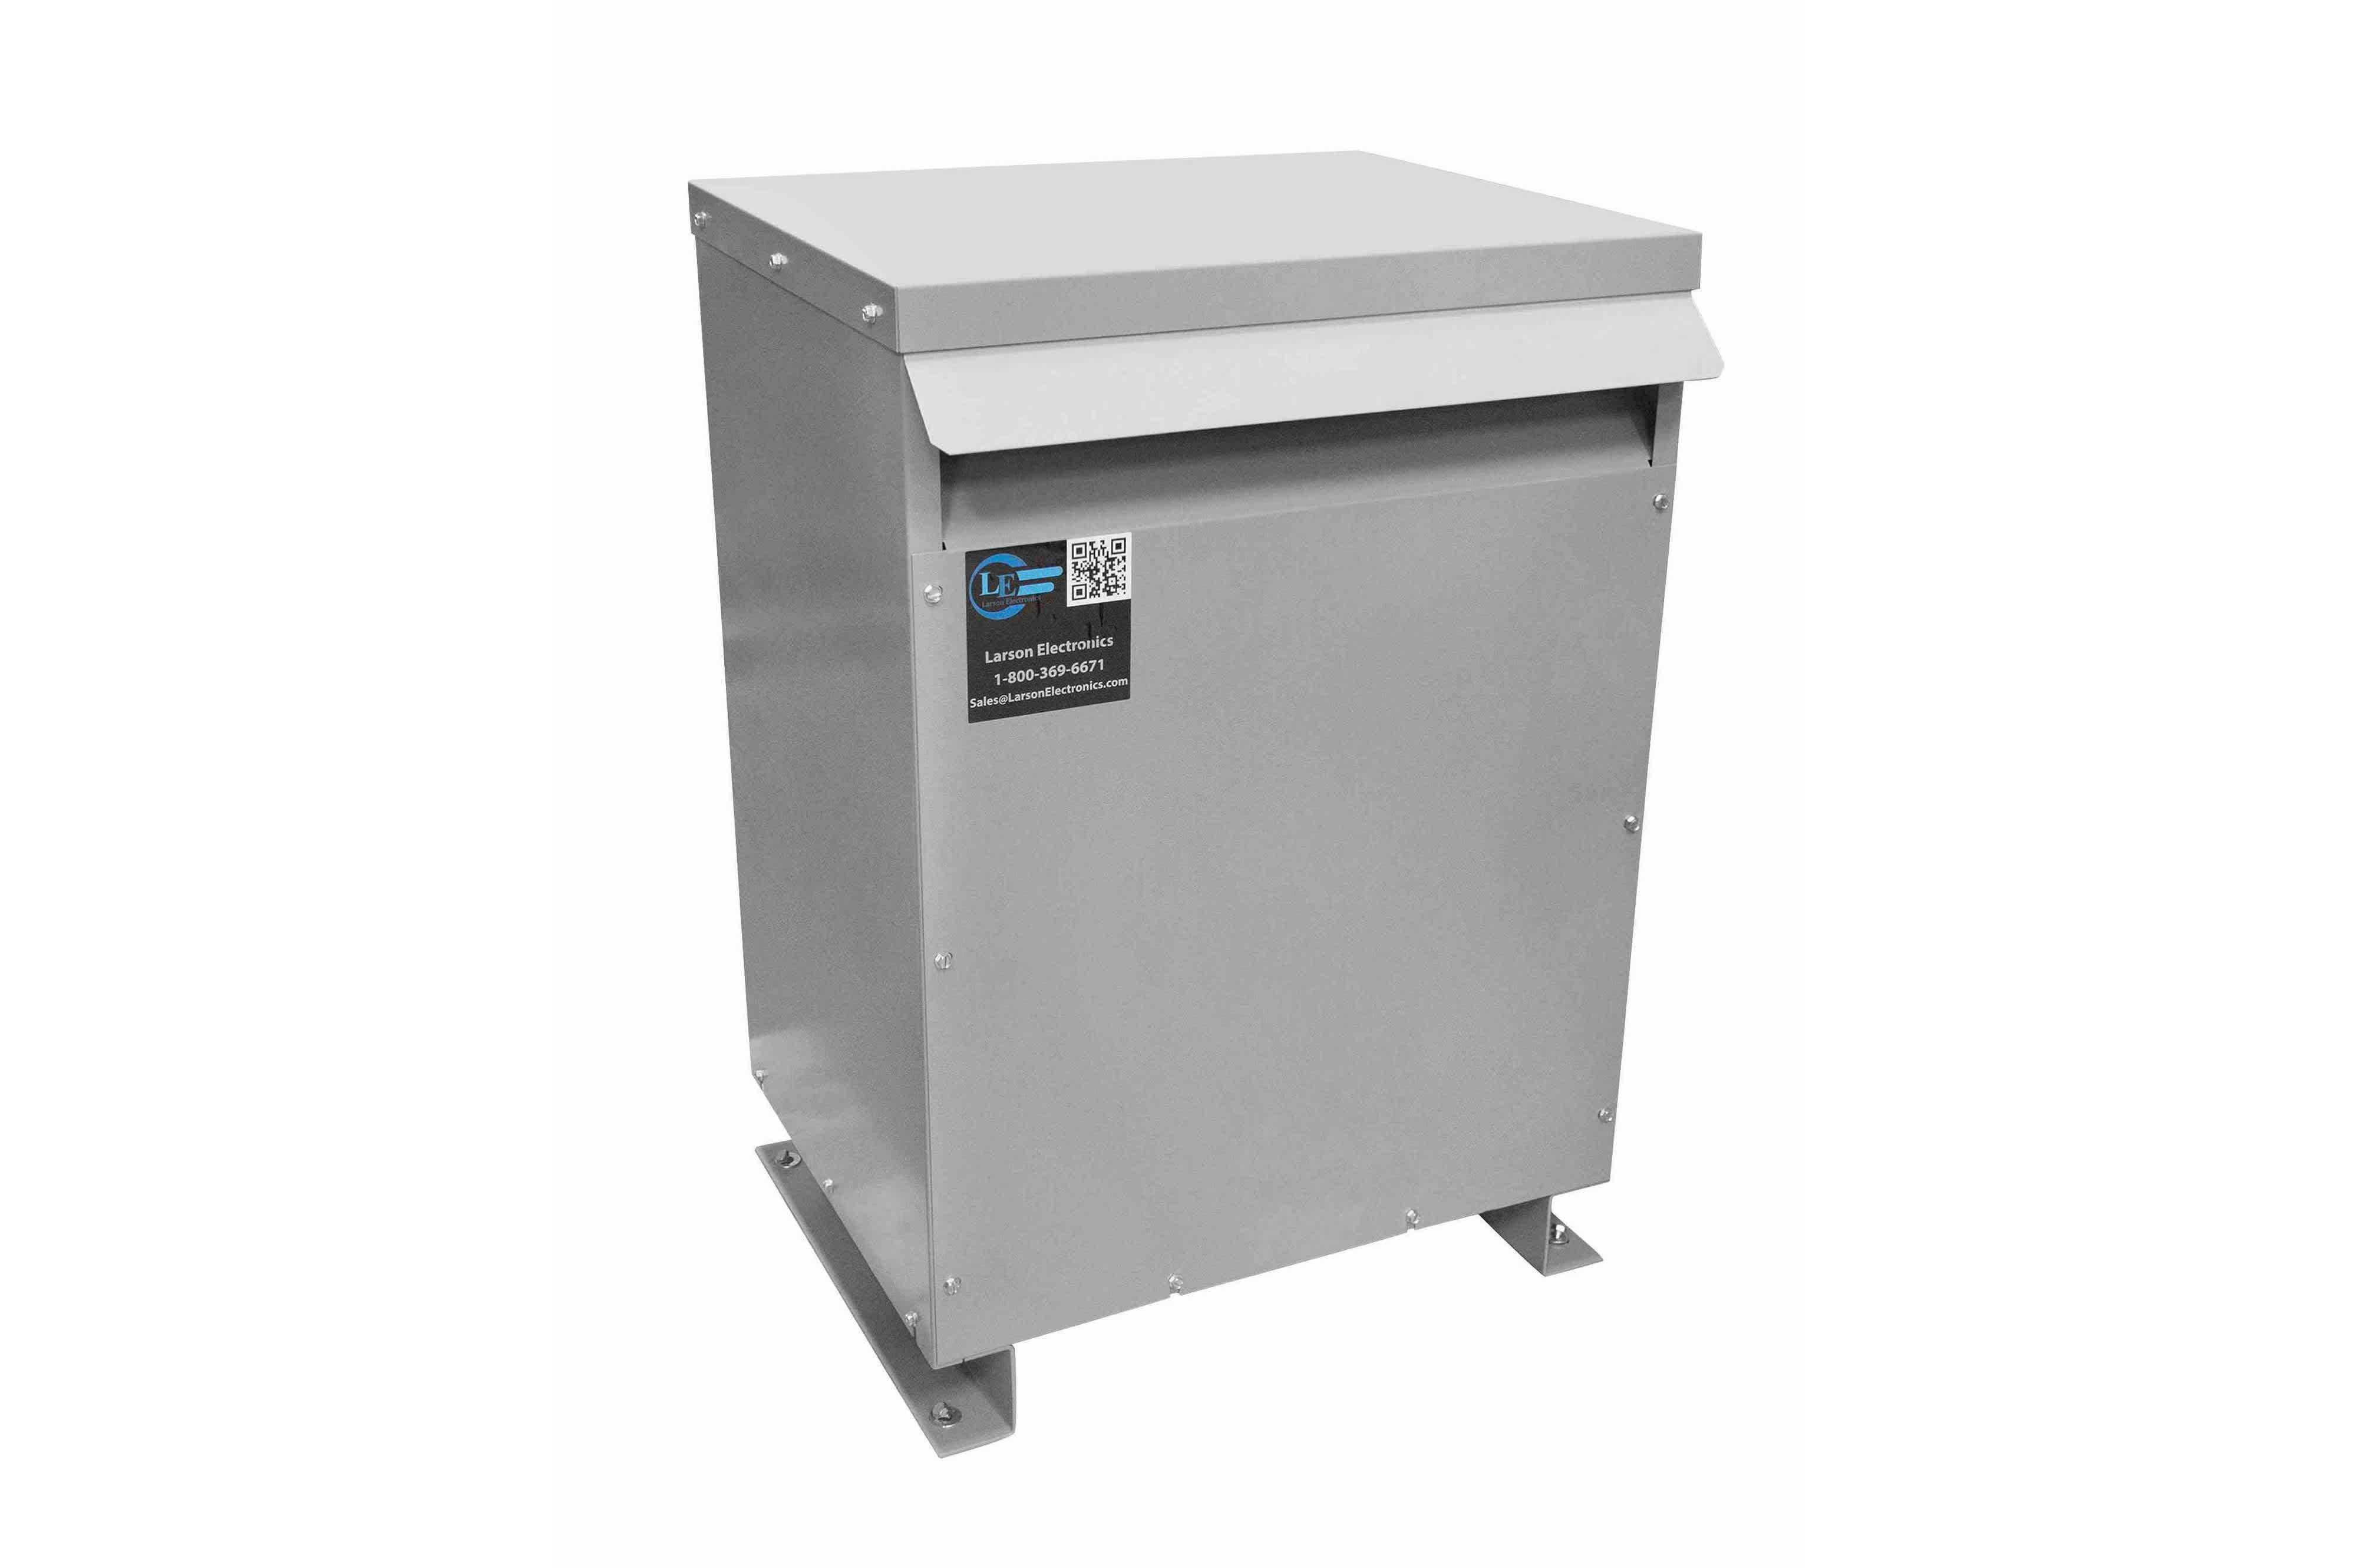 125 kVA 3PH Isolation Transformer, 240V Delta Primary, 480V Delta Secondary, N3R, Ventilated, 60 Hz